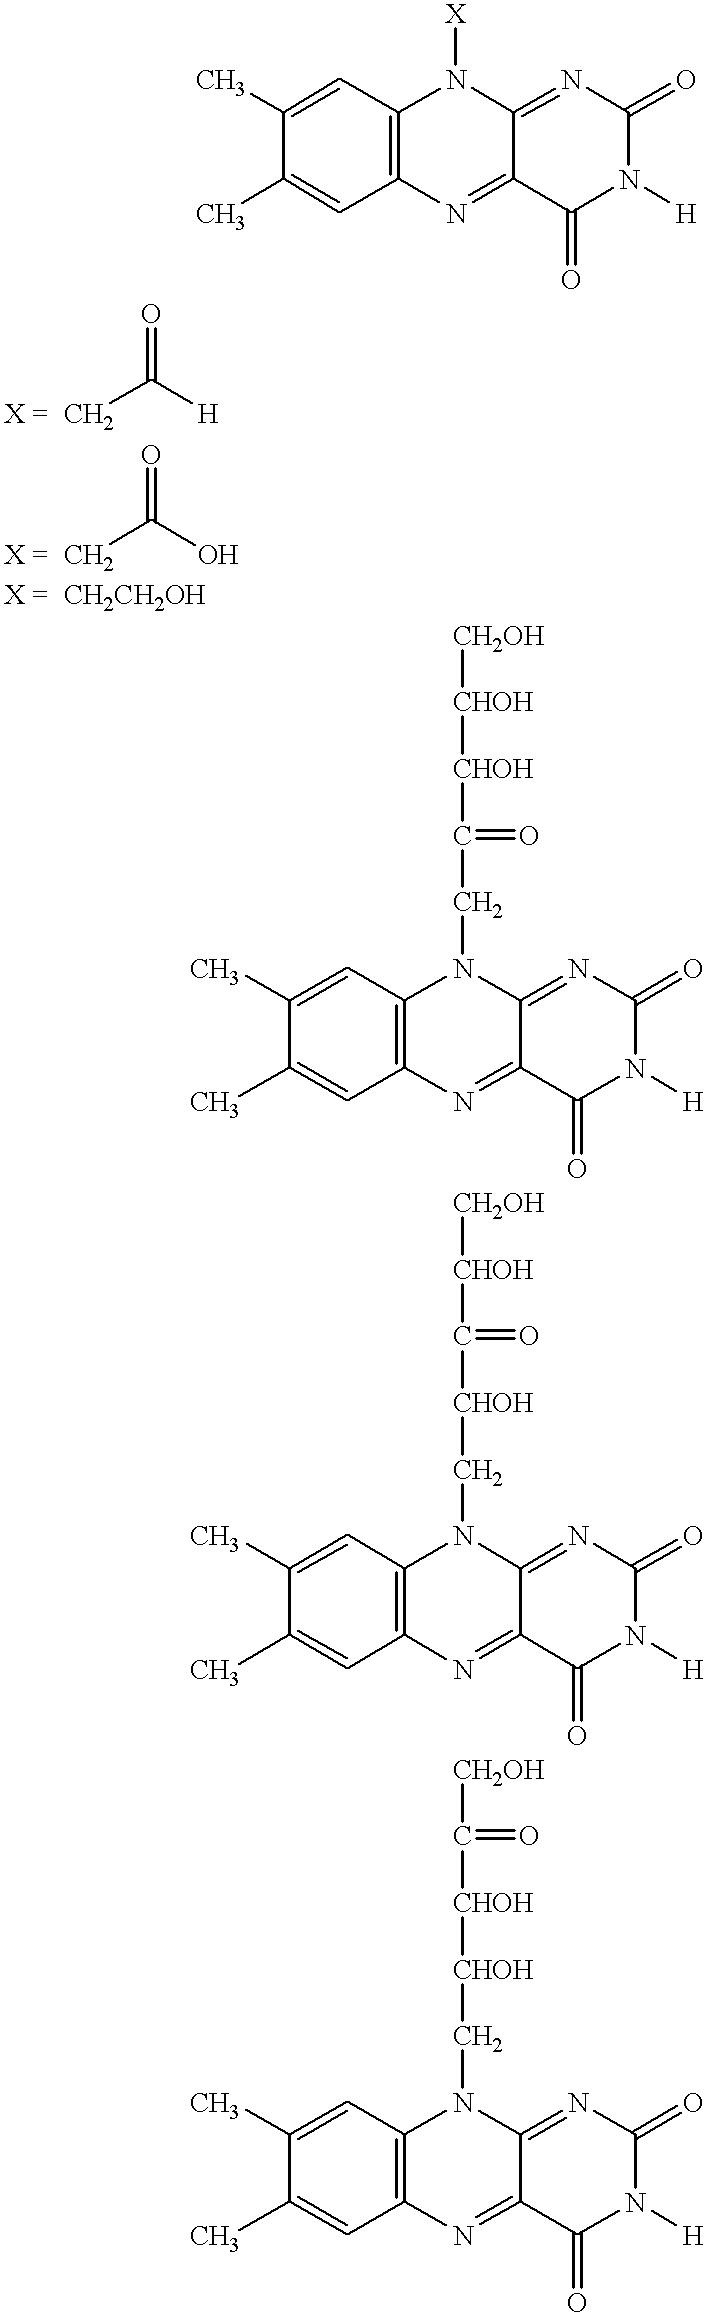 Figure US06268120-20010731-C00004